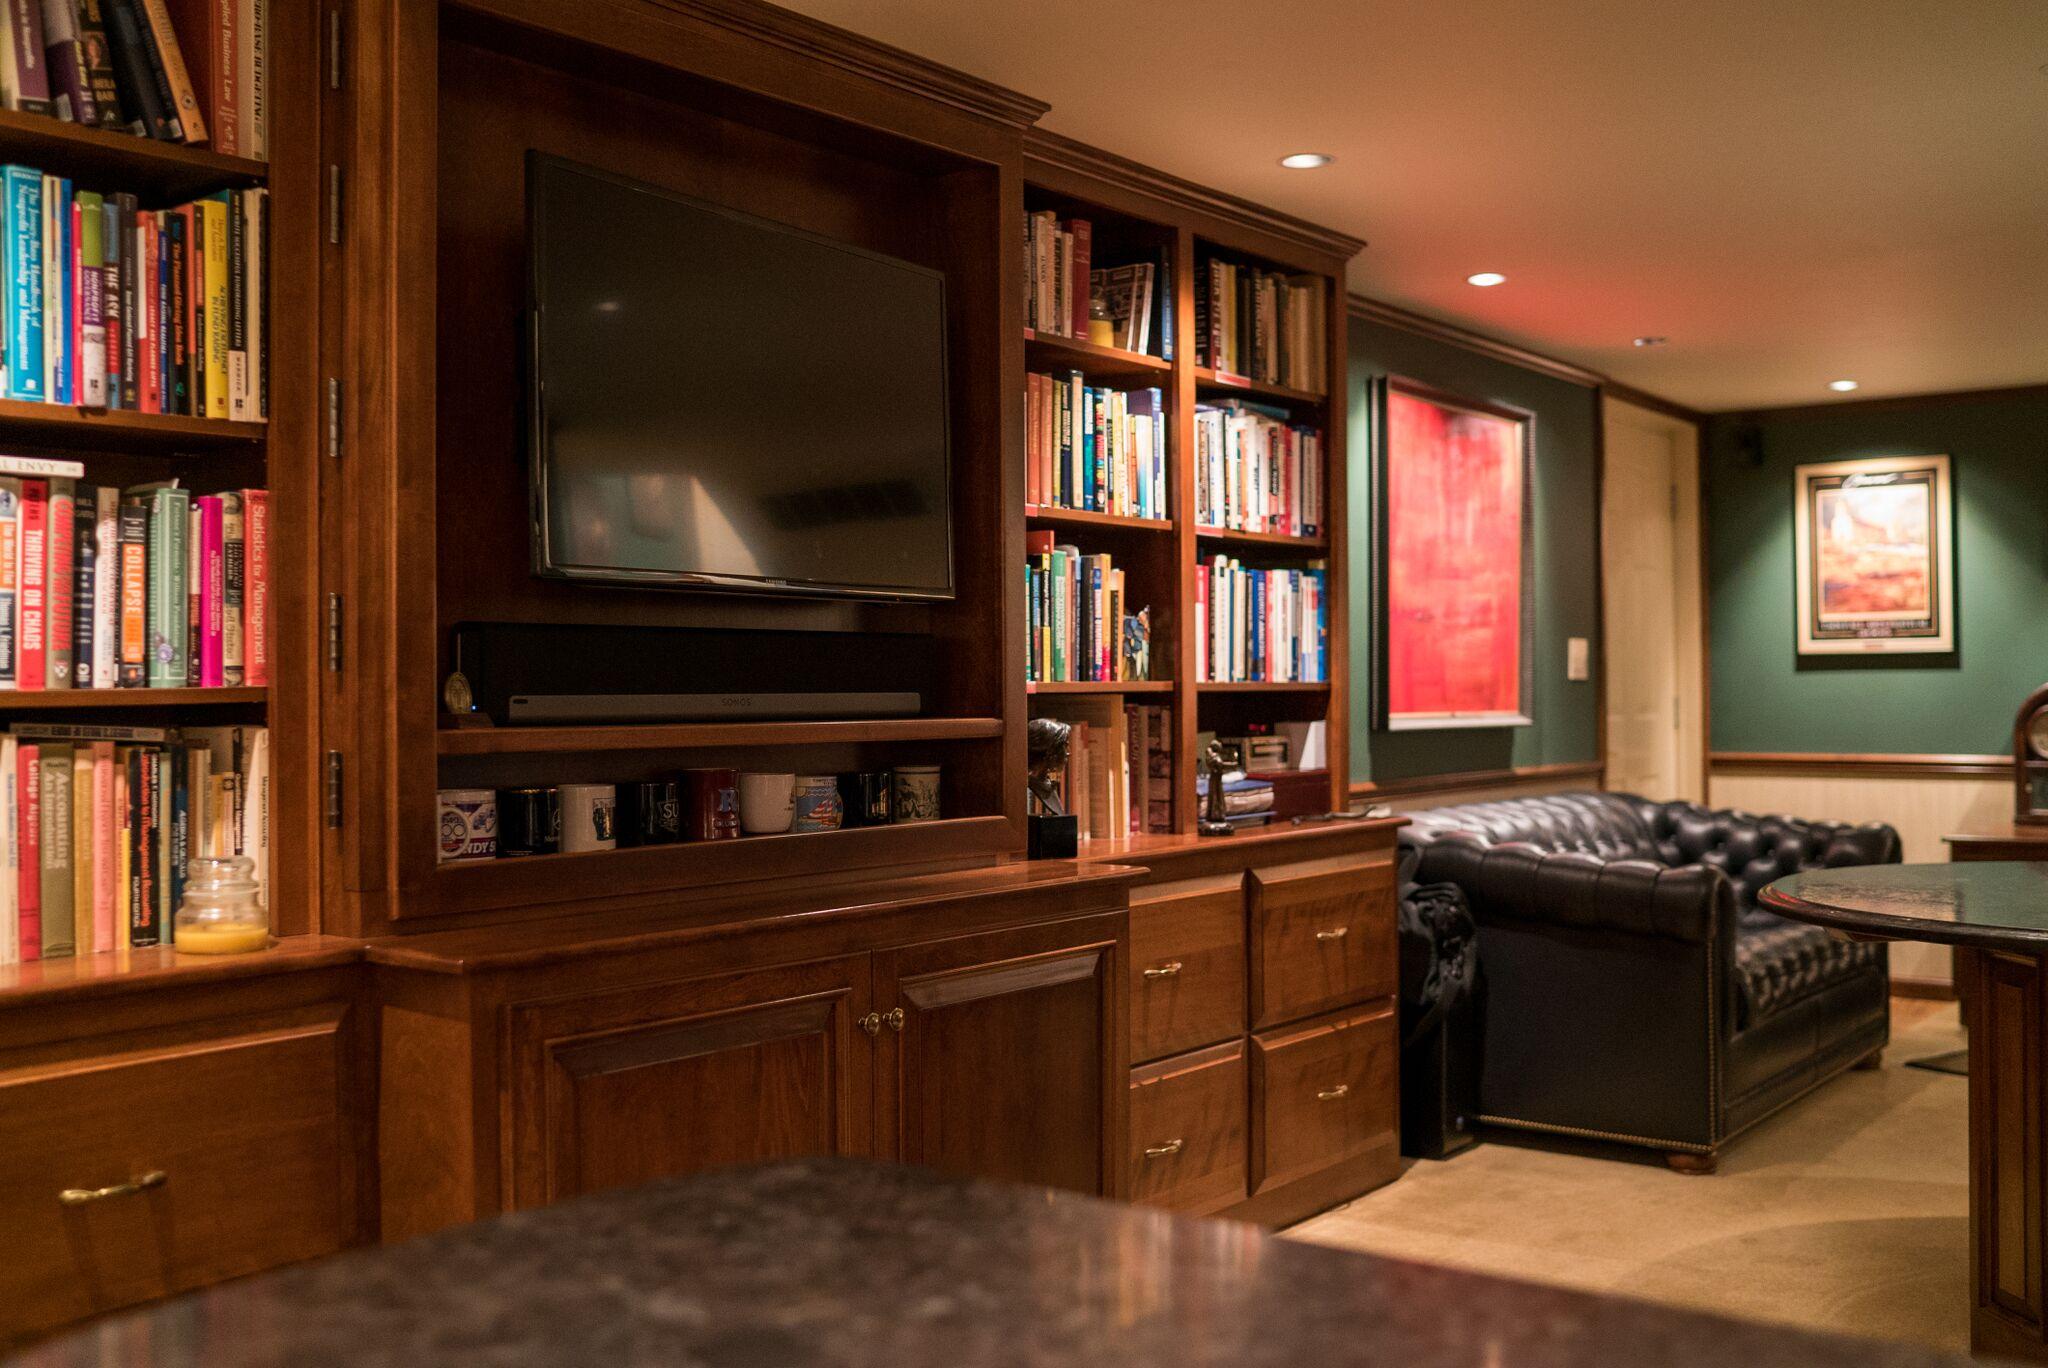 Custom Bookshelves For Home Office Custom Media Cabinet For Home Office  Cabinetry ...